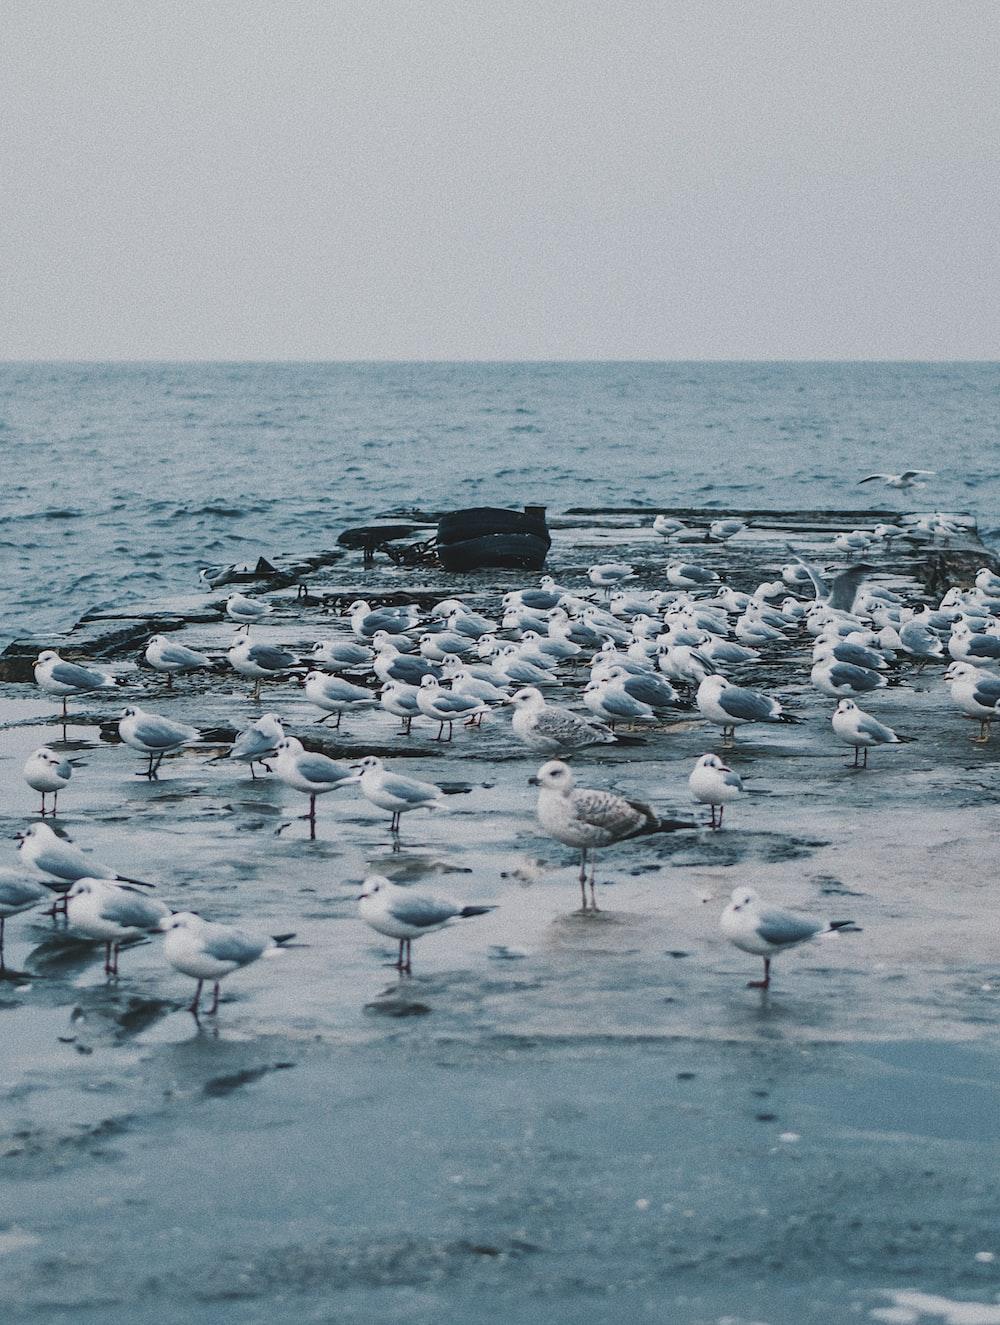 seashore with birds